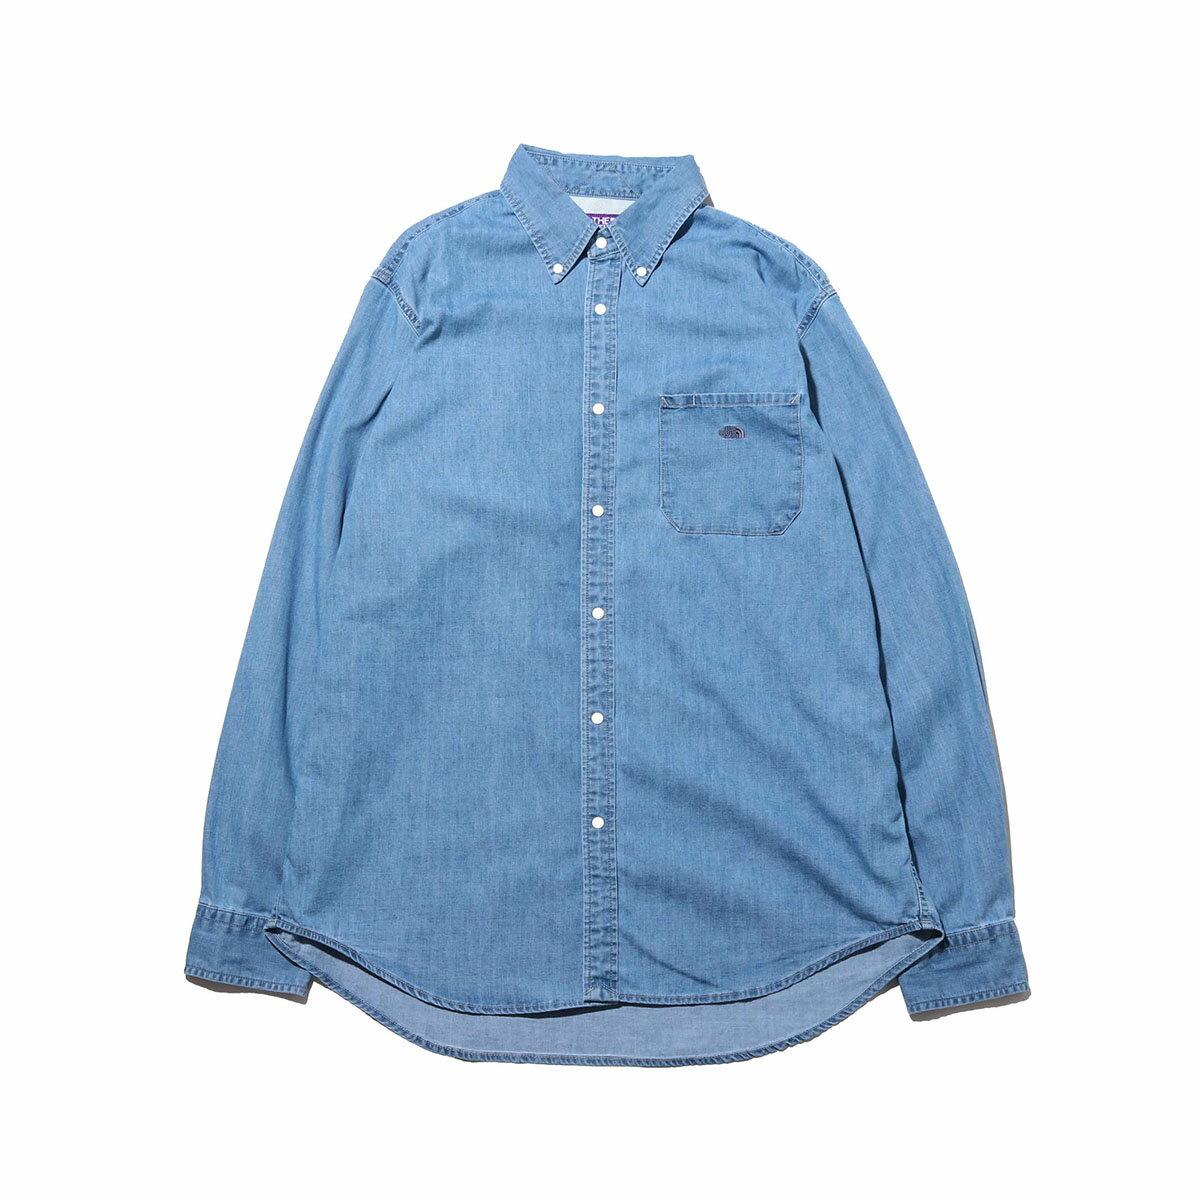 トップス, カジュアルシャツ THE NORTH FACE PURPLE LABEL Light Denim B.D. Shirt(INDIGO)( )20SS-I